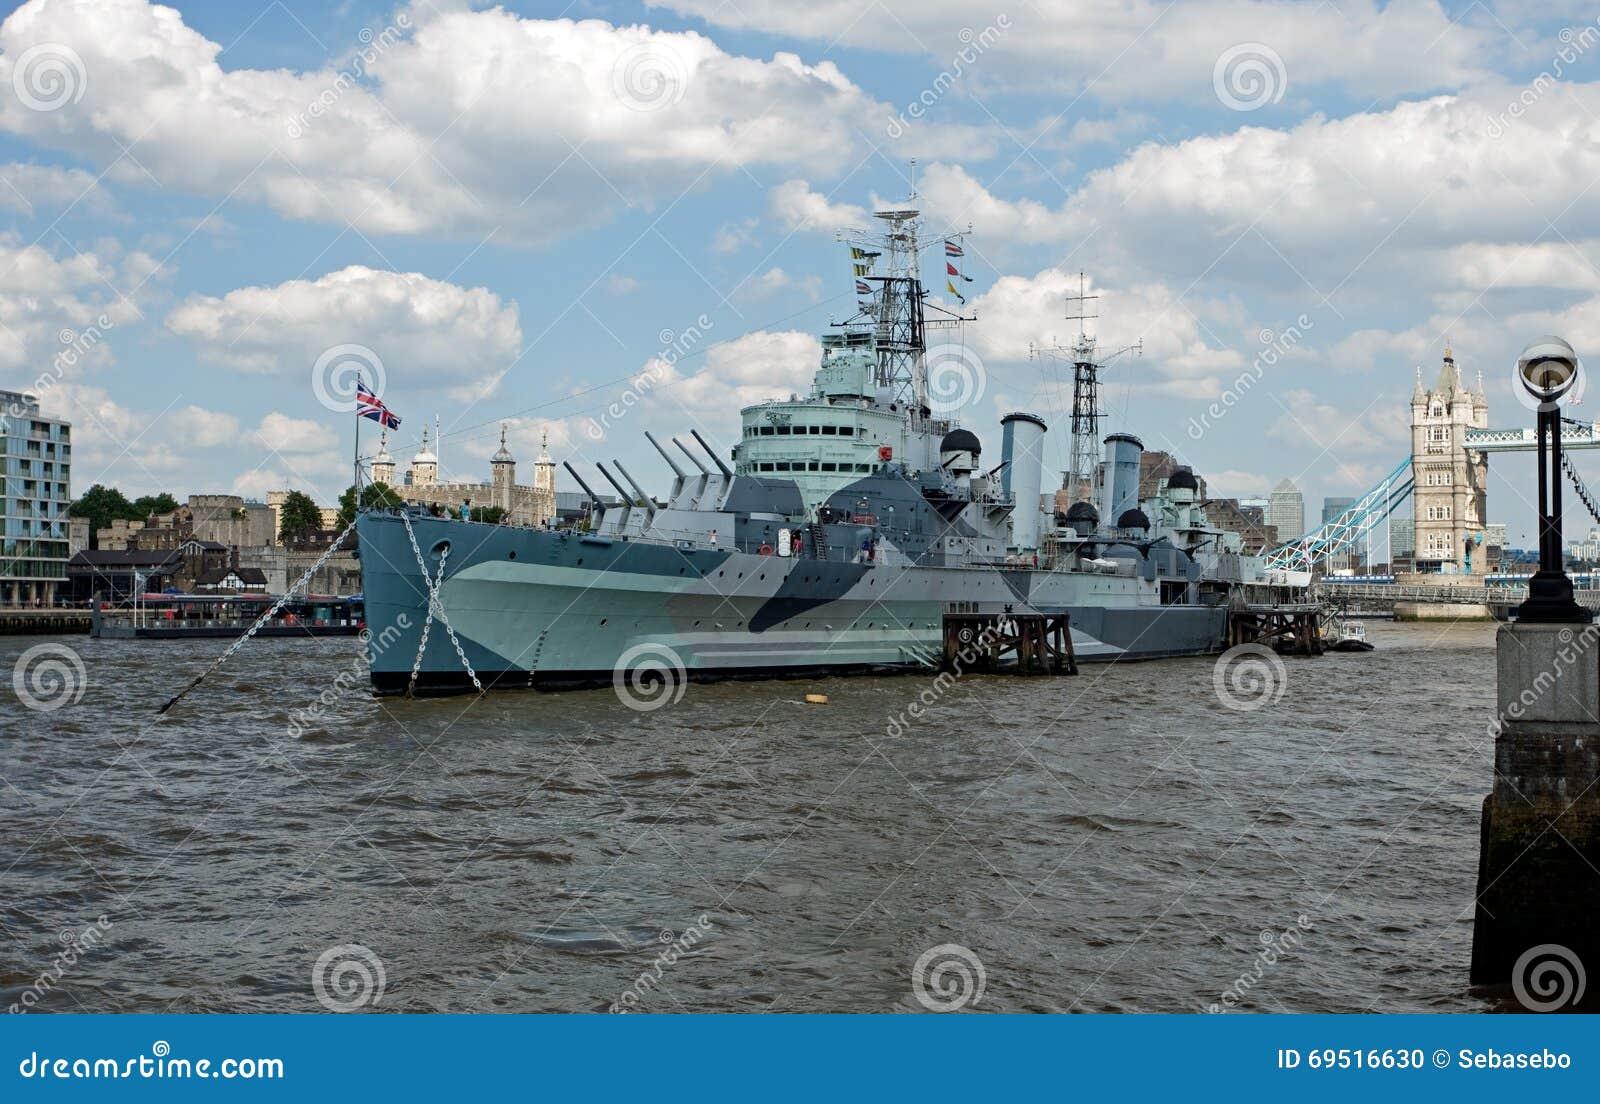 Eine königliche Marine